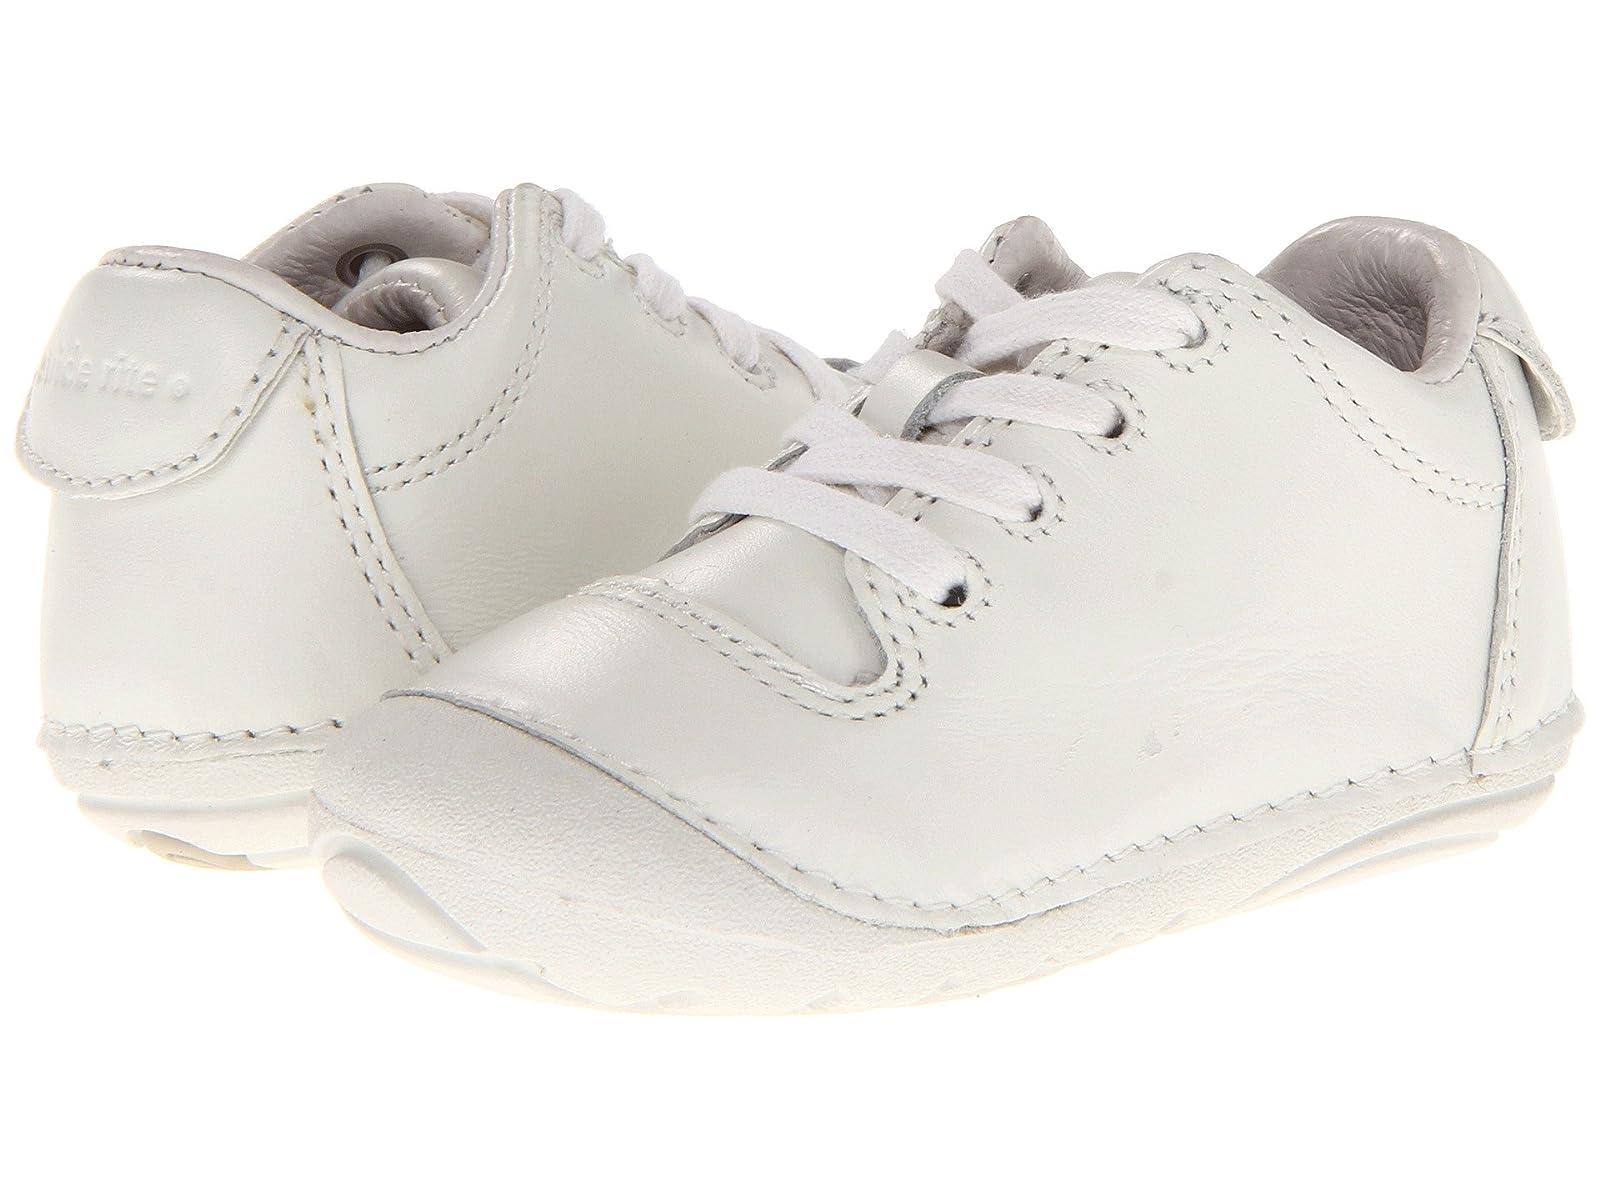 Stride Rite SRT SM Freddie (Infant/Toddler)Atmospheric grades have affordable shoes